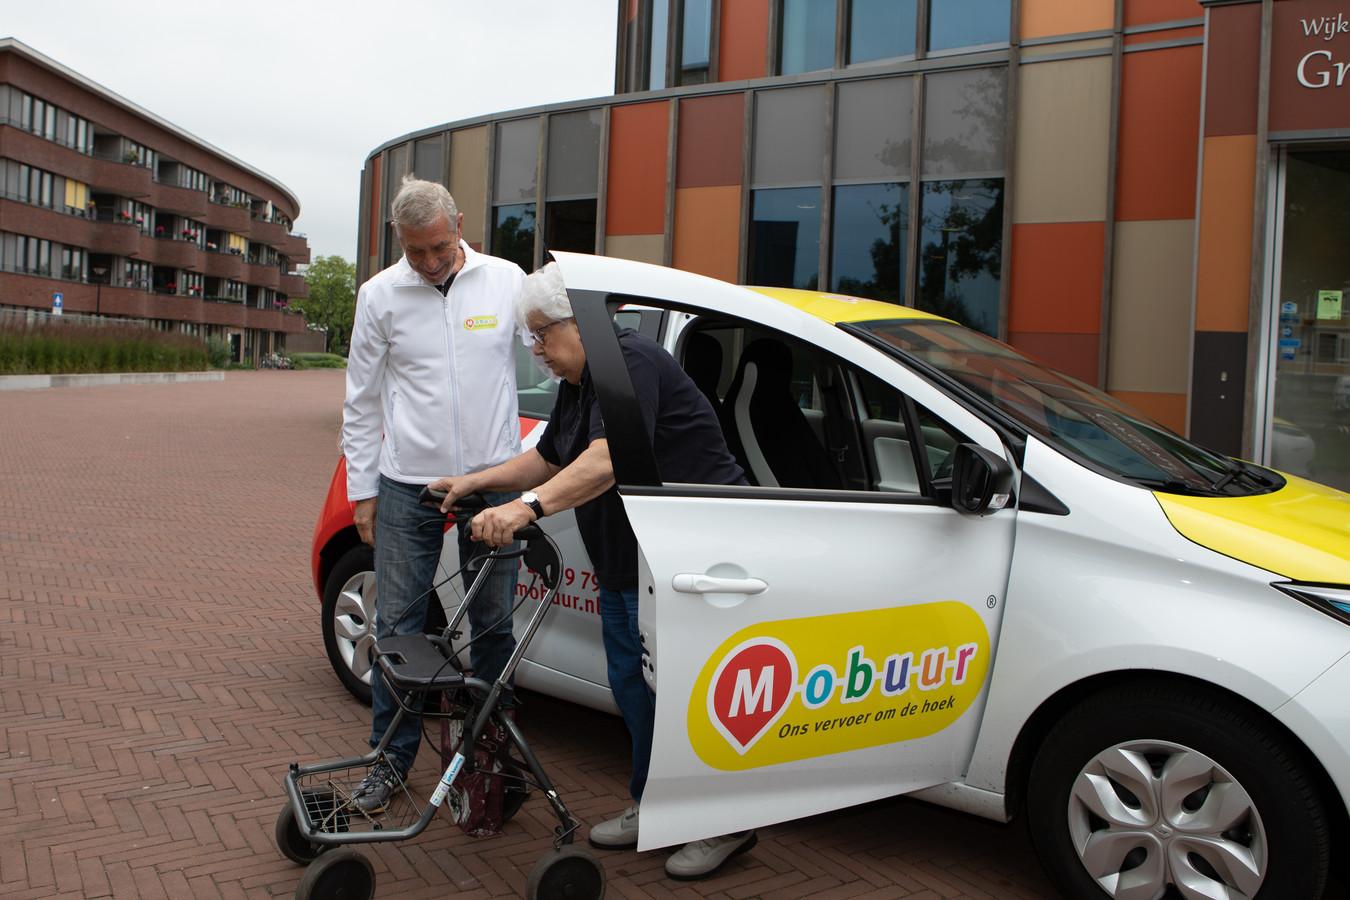 De wijktaxi zou onder anderen ouderen die slecht ter been zijn moeten helpen, maar de Mobuur-auto's zijn door iedereen te boeken.